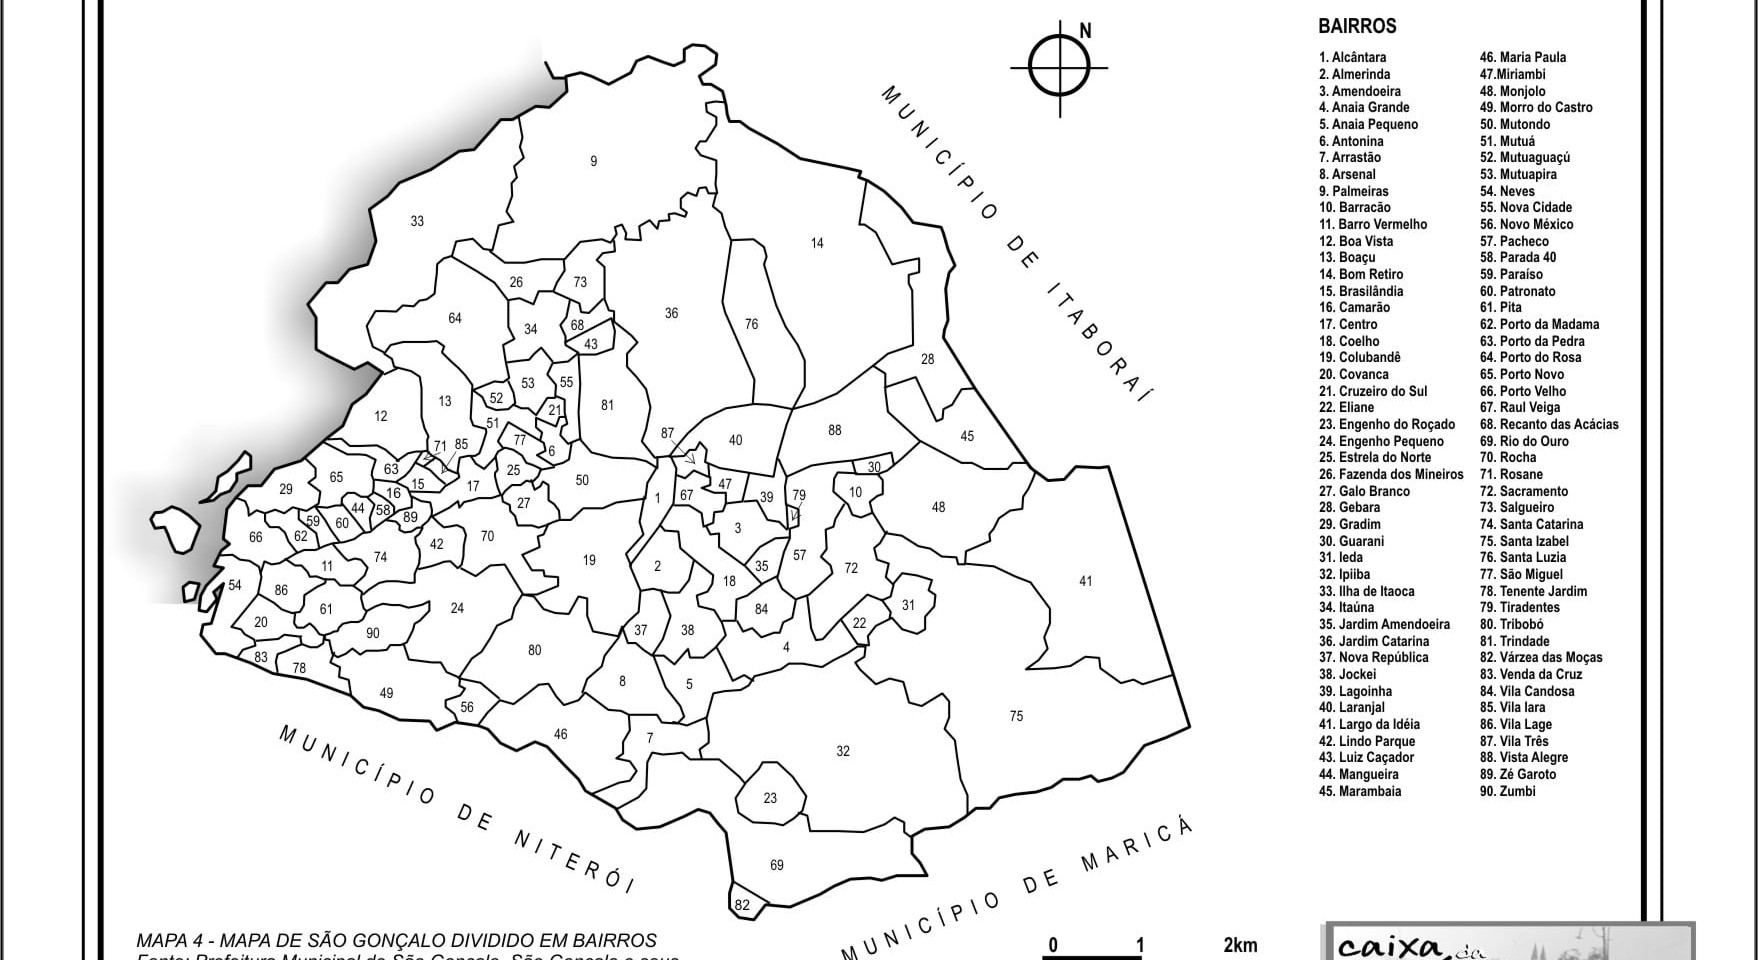 MAPA 4 - MAPA DE SÃO GONÇALO DIVIDIDO EM BAIRROS